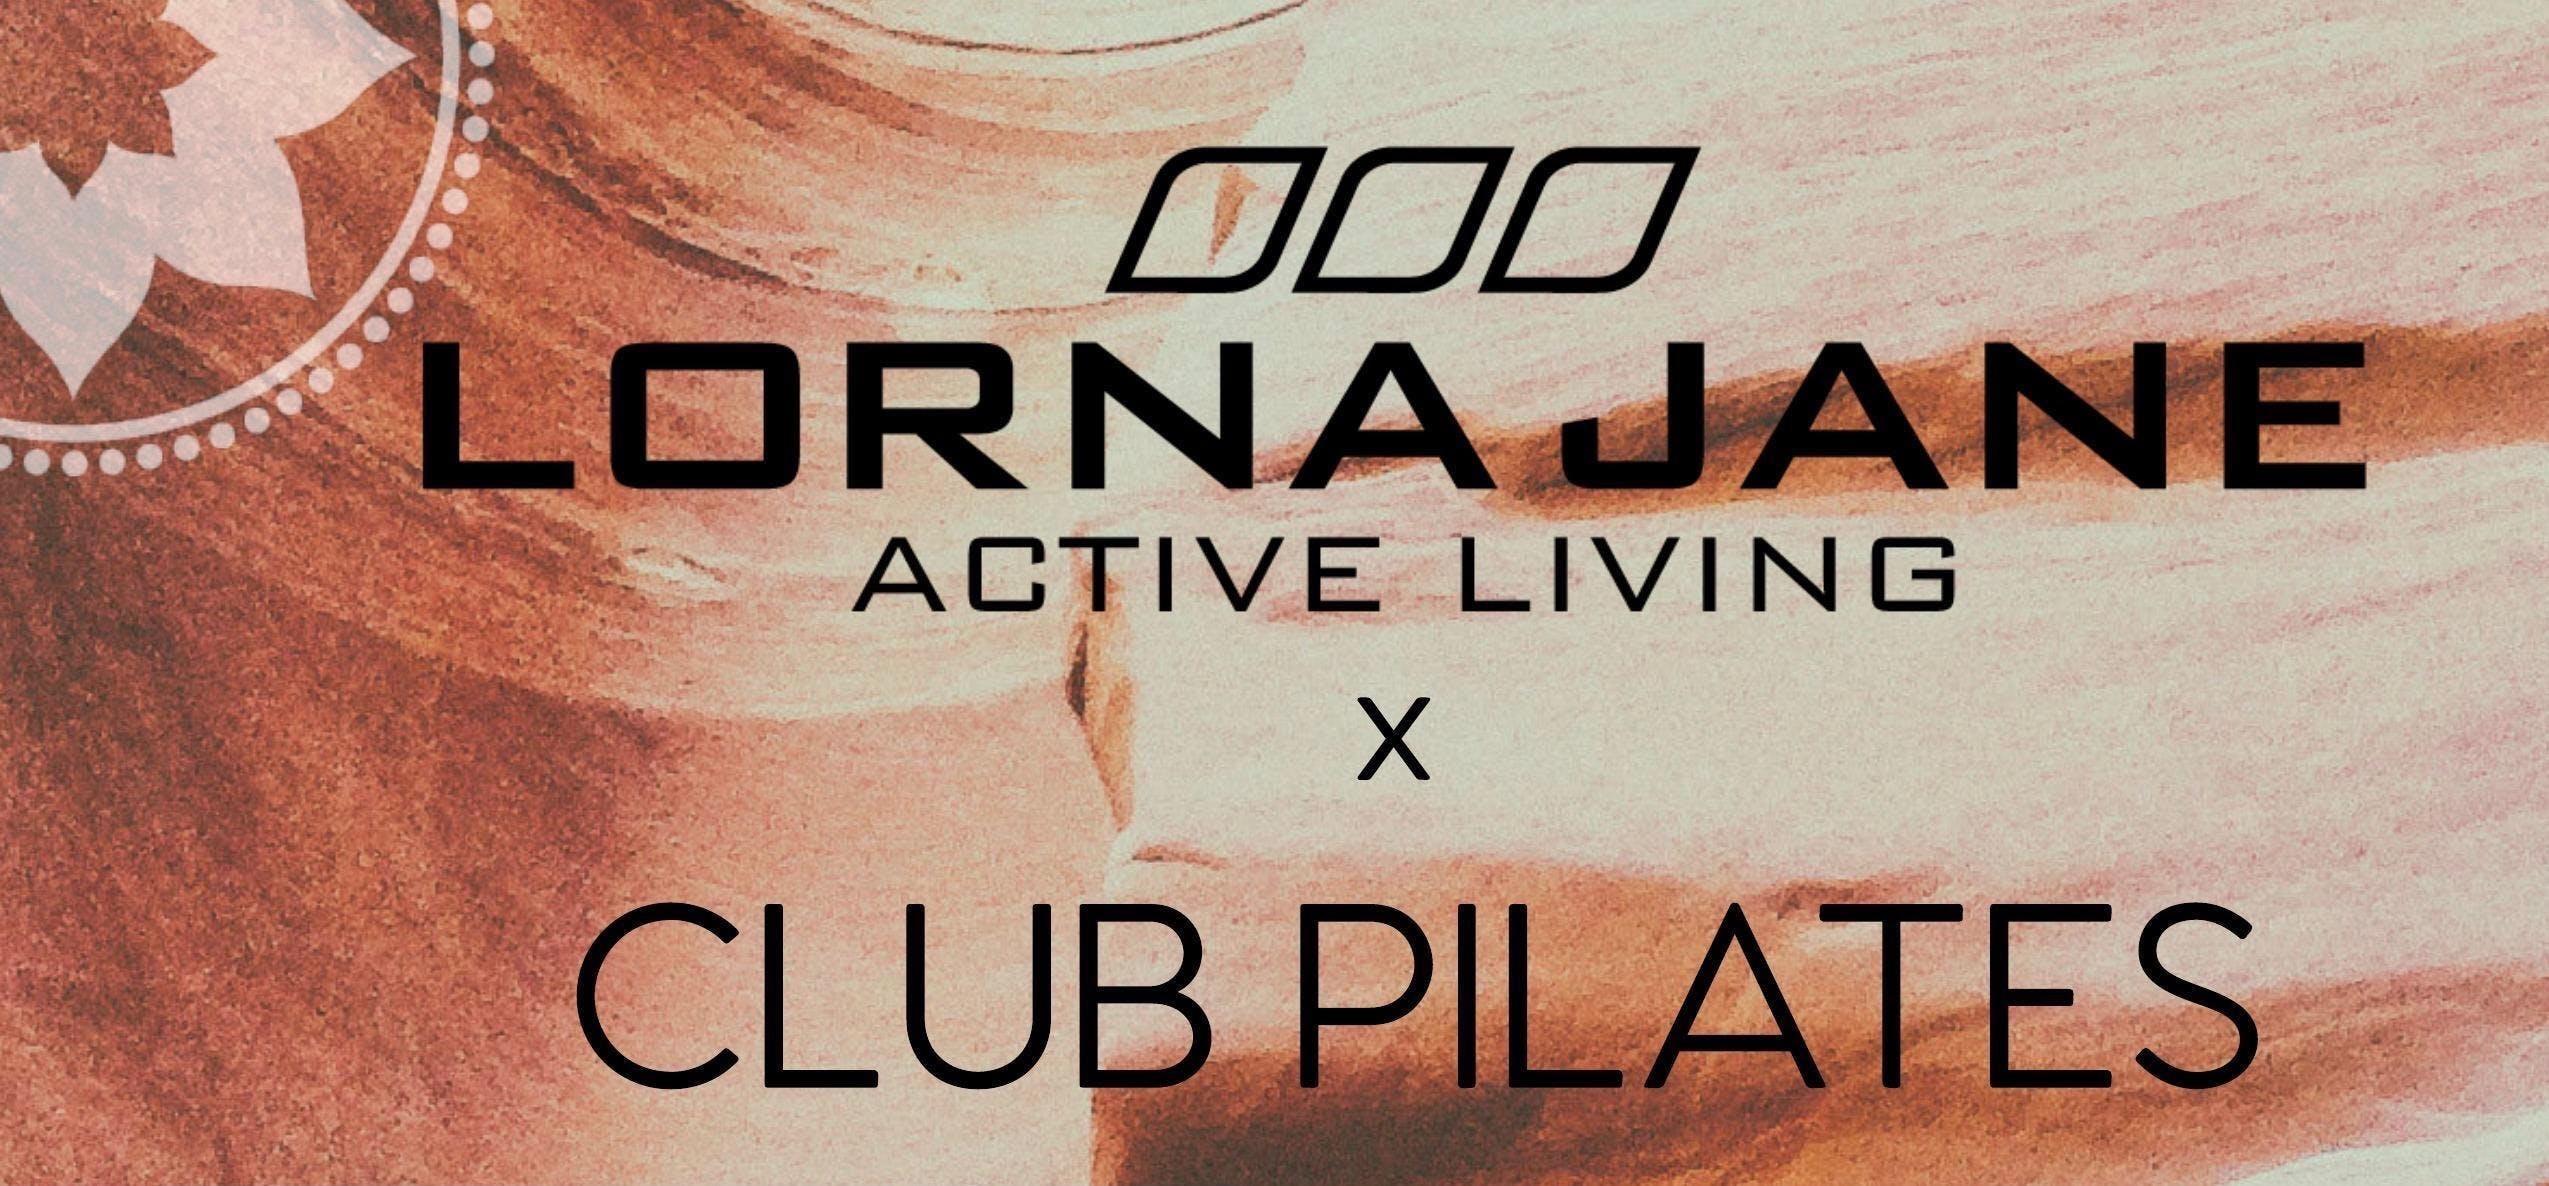 LORNA JANE x CLUB PILATES - Free Mat Pilates Class + Retail Sale